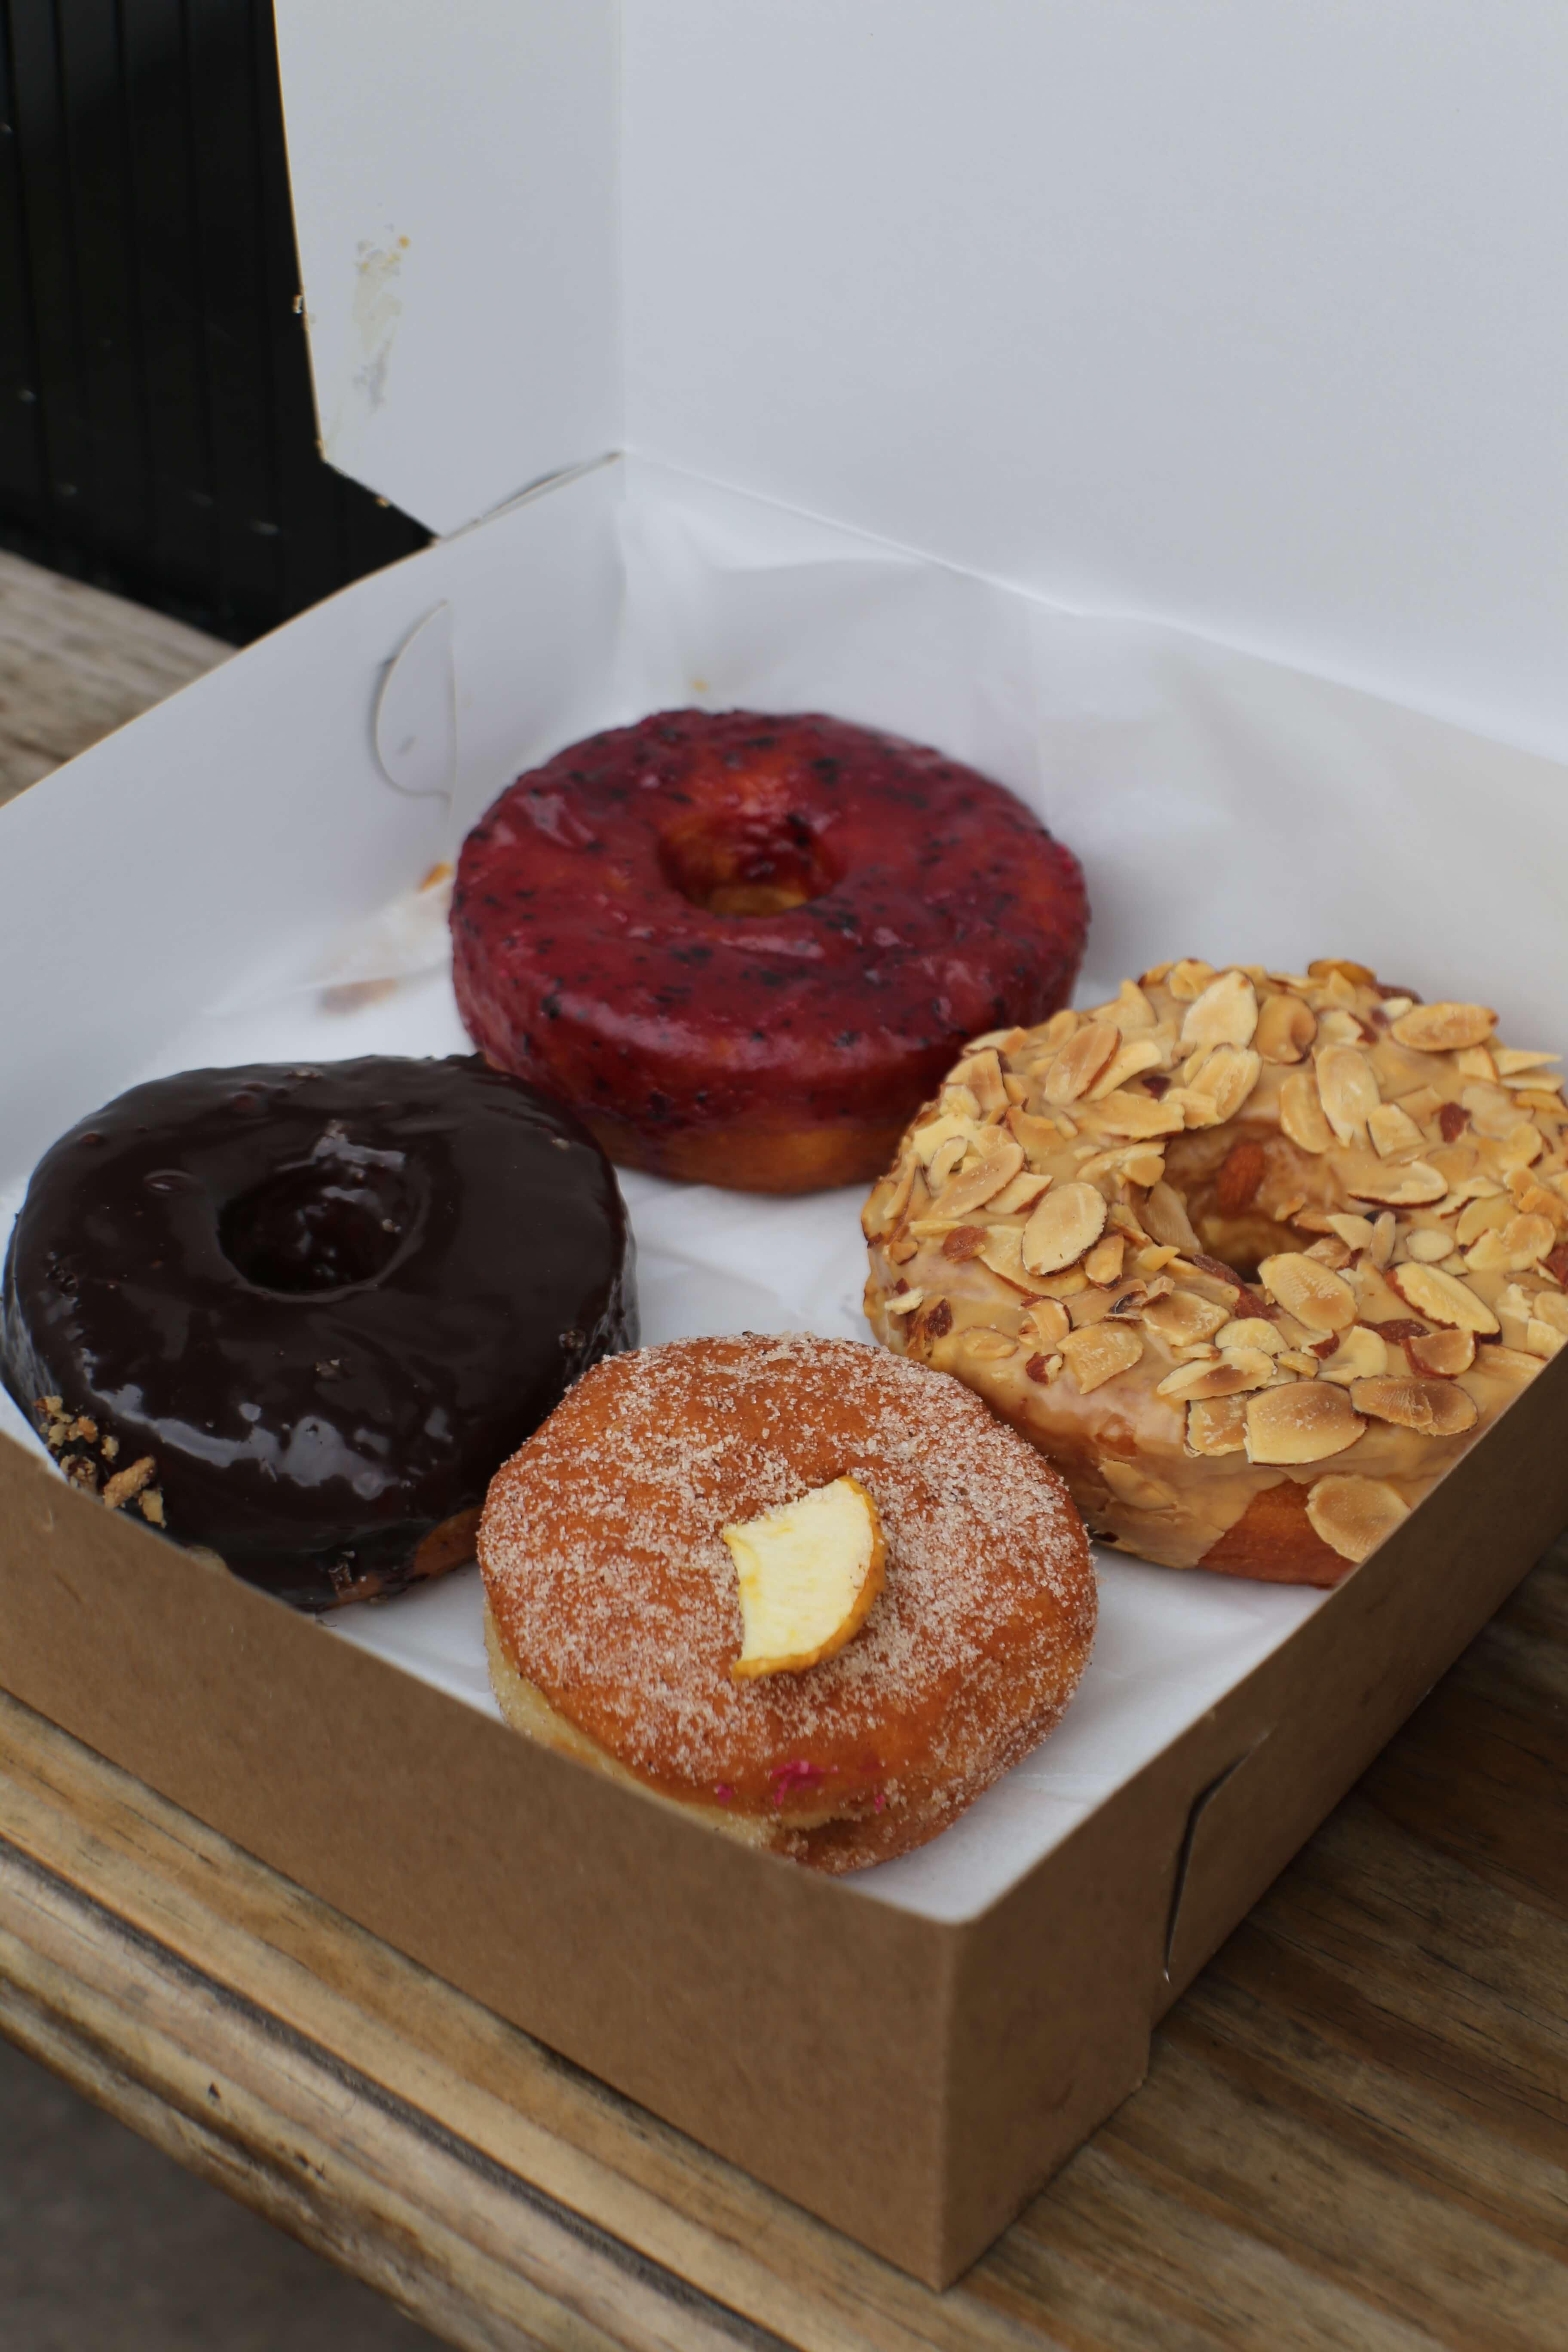 Die besten Bäckereien und süßen Leckereien in New York City | La Crema on Tour